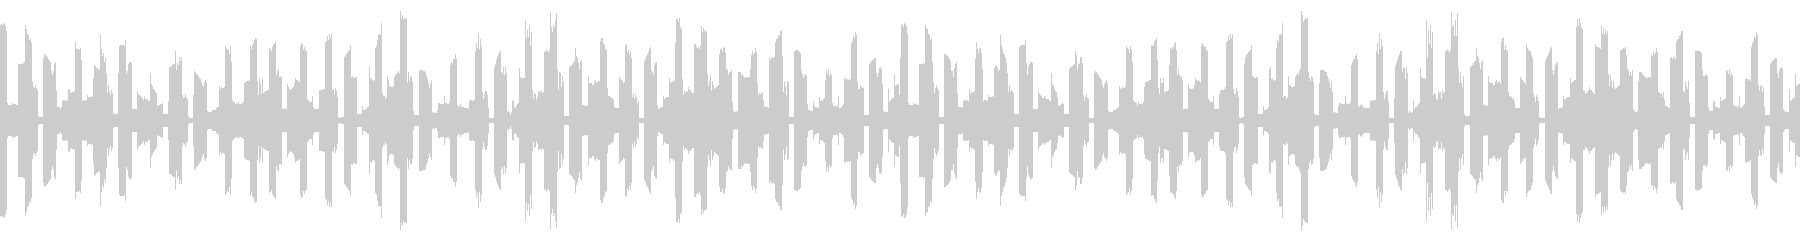 【ループ可】不安を煽るコンピューター音の未再生の波形